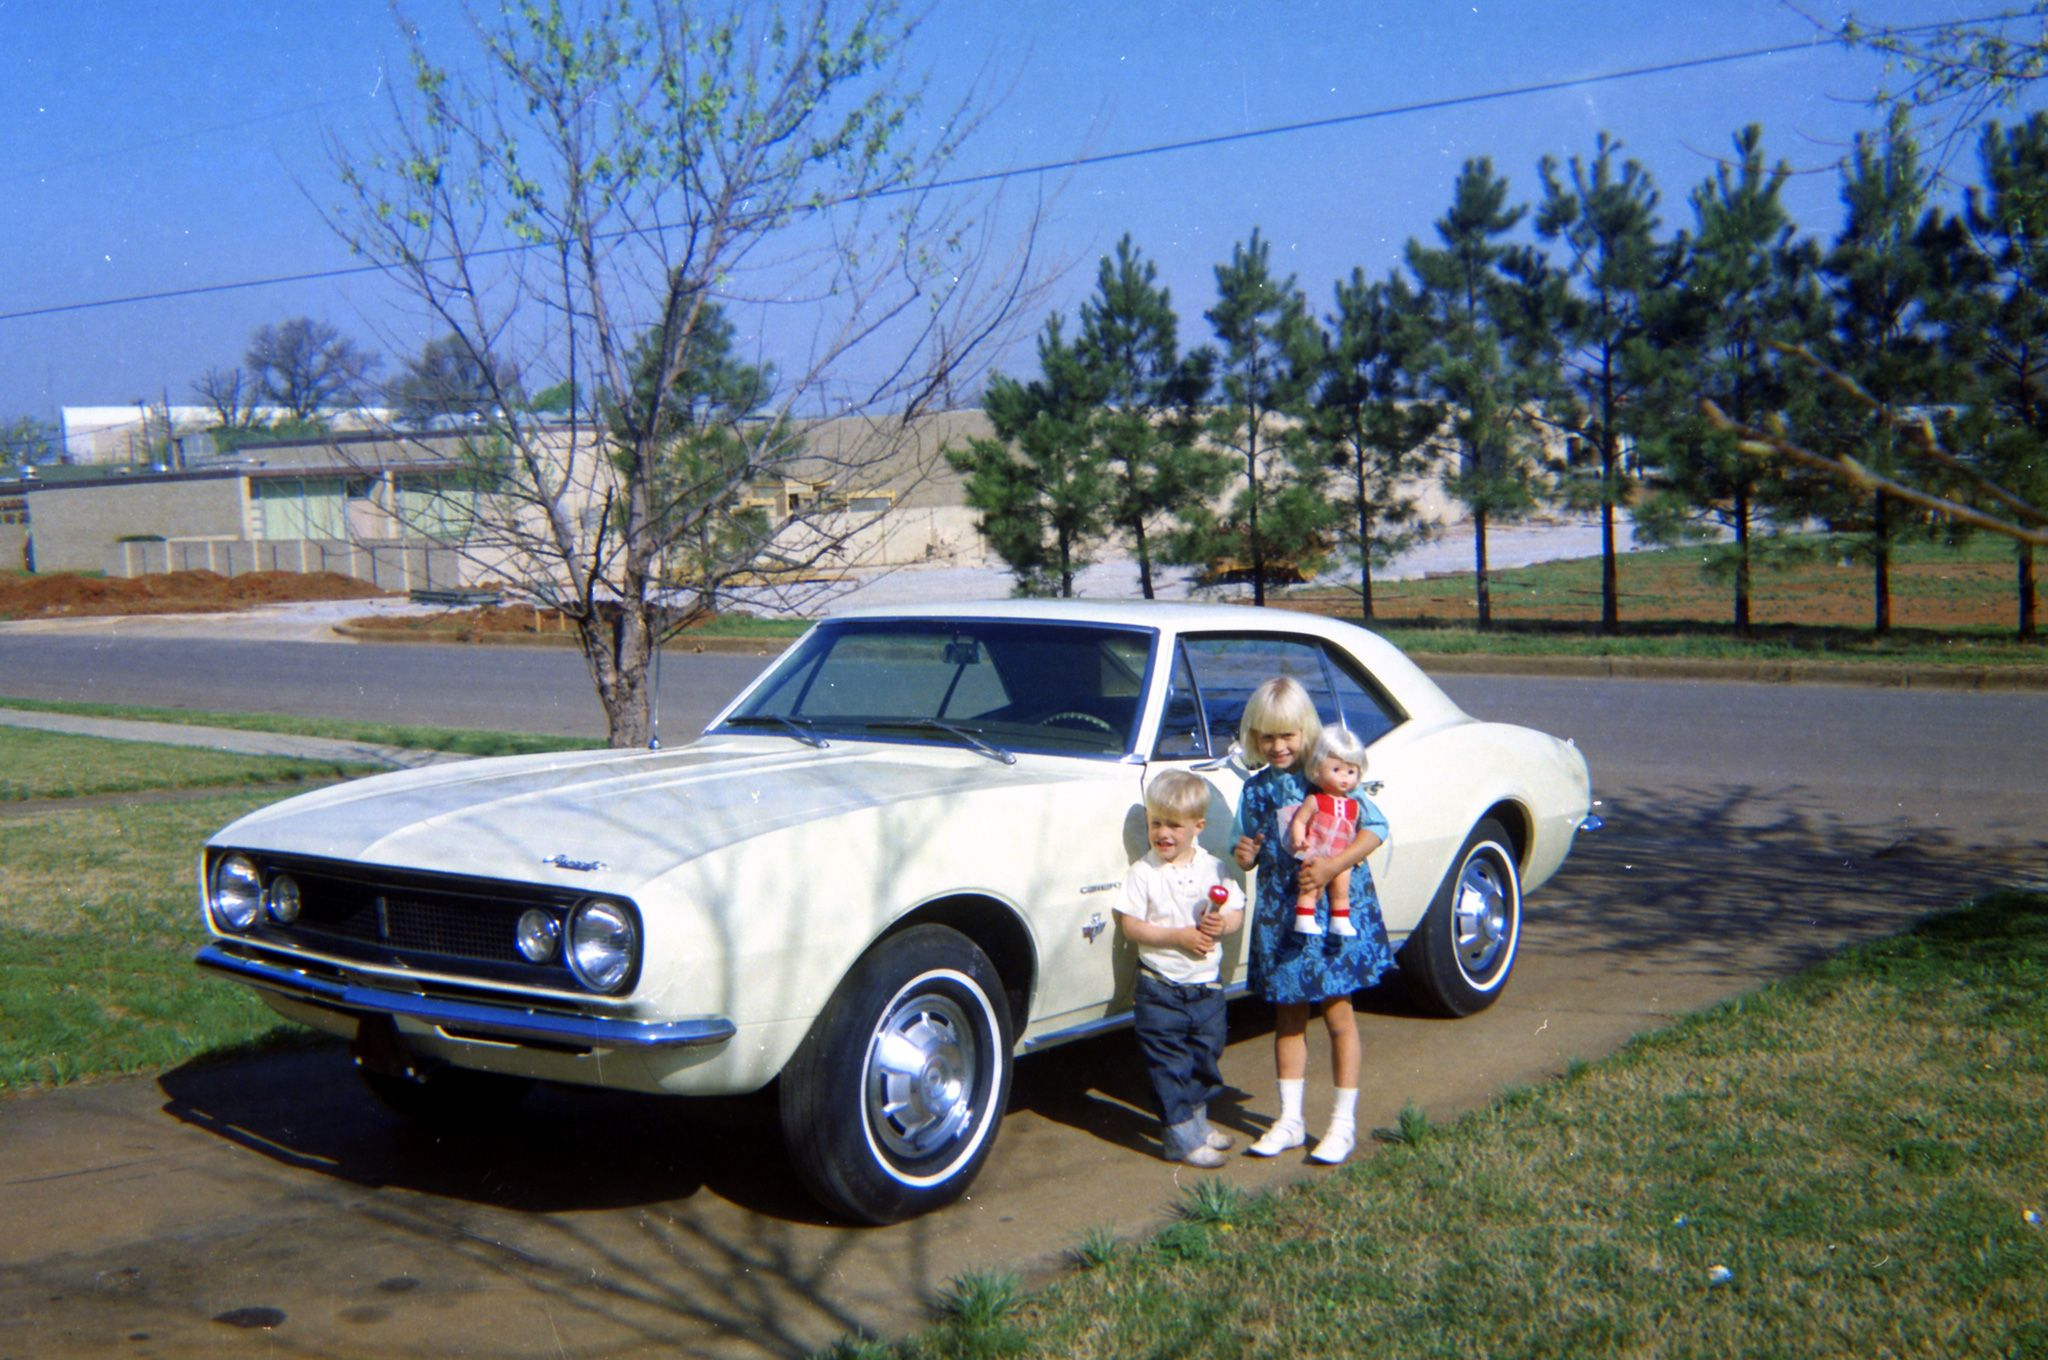 05-1967-chevrolet-camaro-vintage-exterior